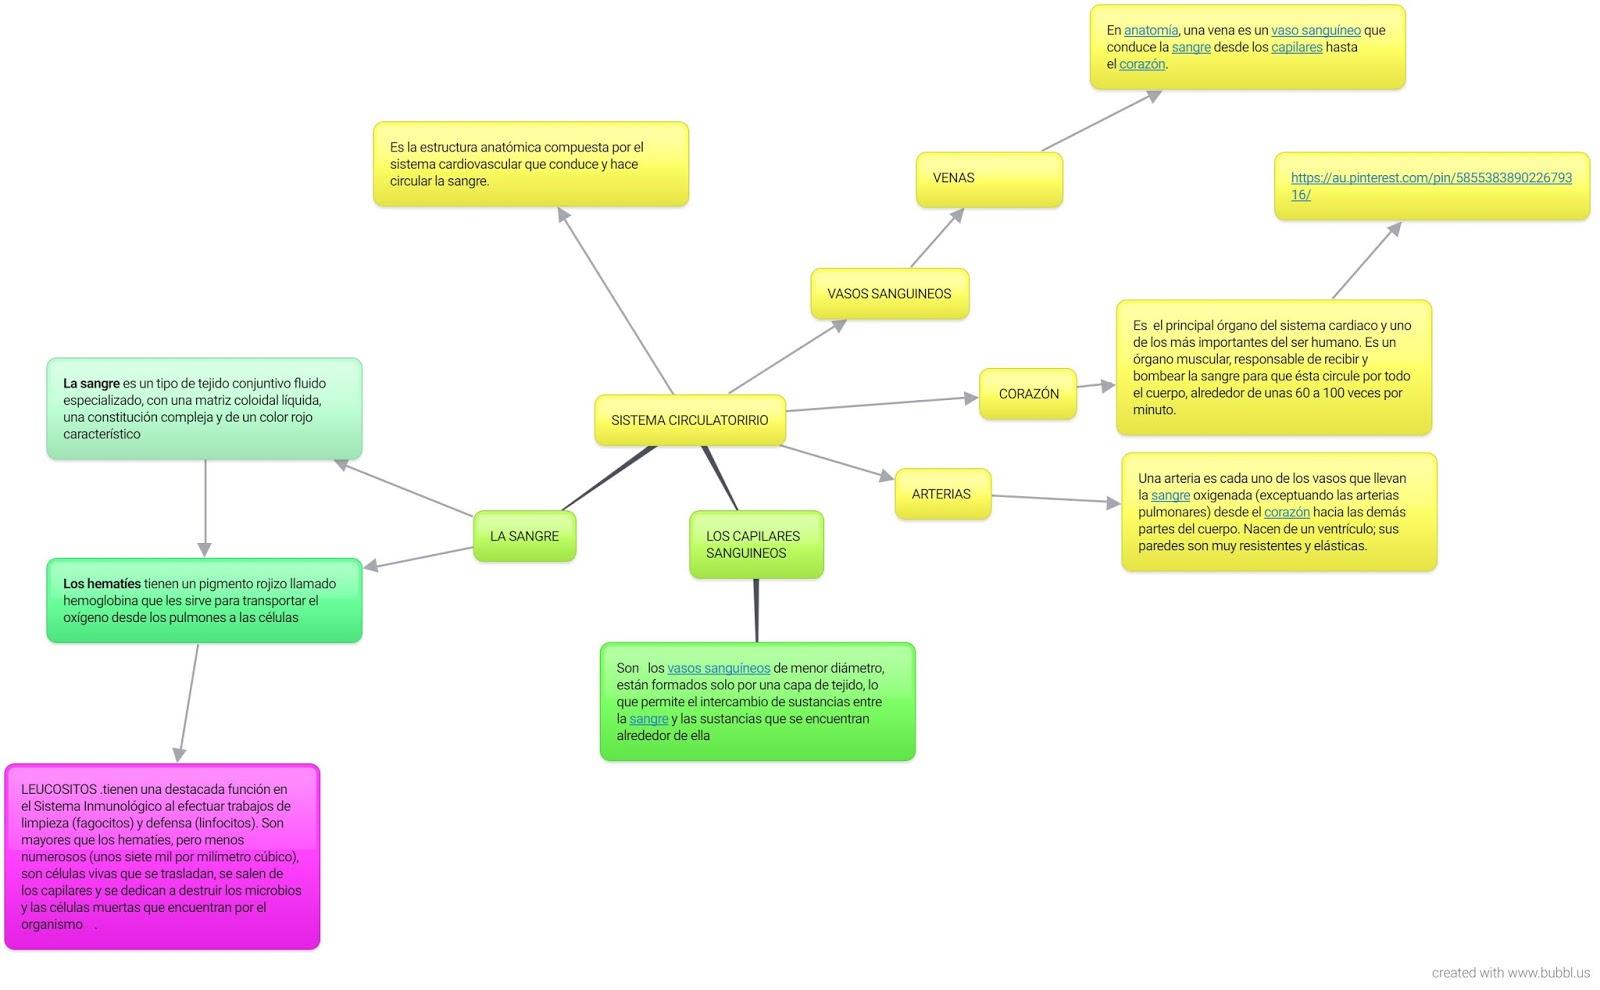 La vida a través de la ciencia : mapa conceptual sistema circulatorio